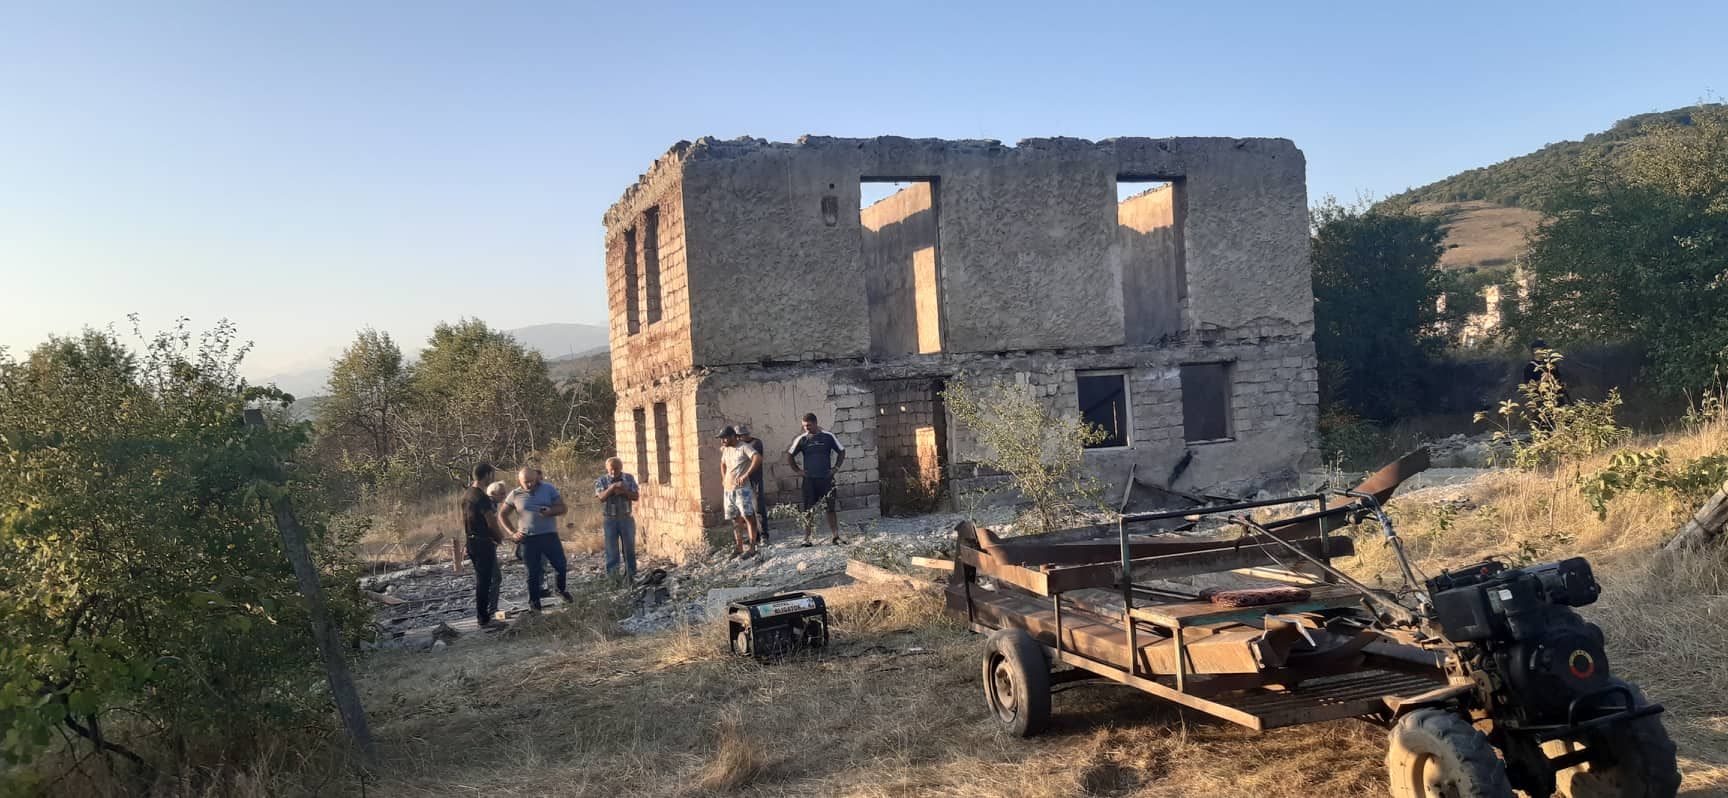 Gugutiantkari 1 #новости Гугутианткари, линия оккупации, Мамука Хазарадзе, оккупационная линия, оккупация